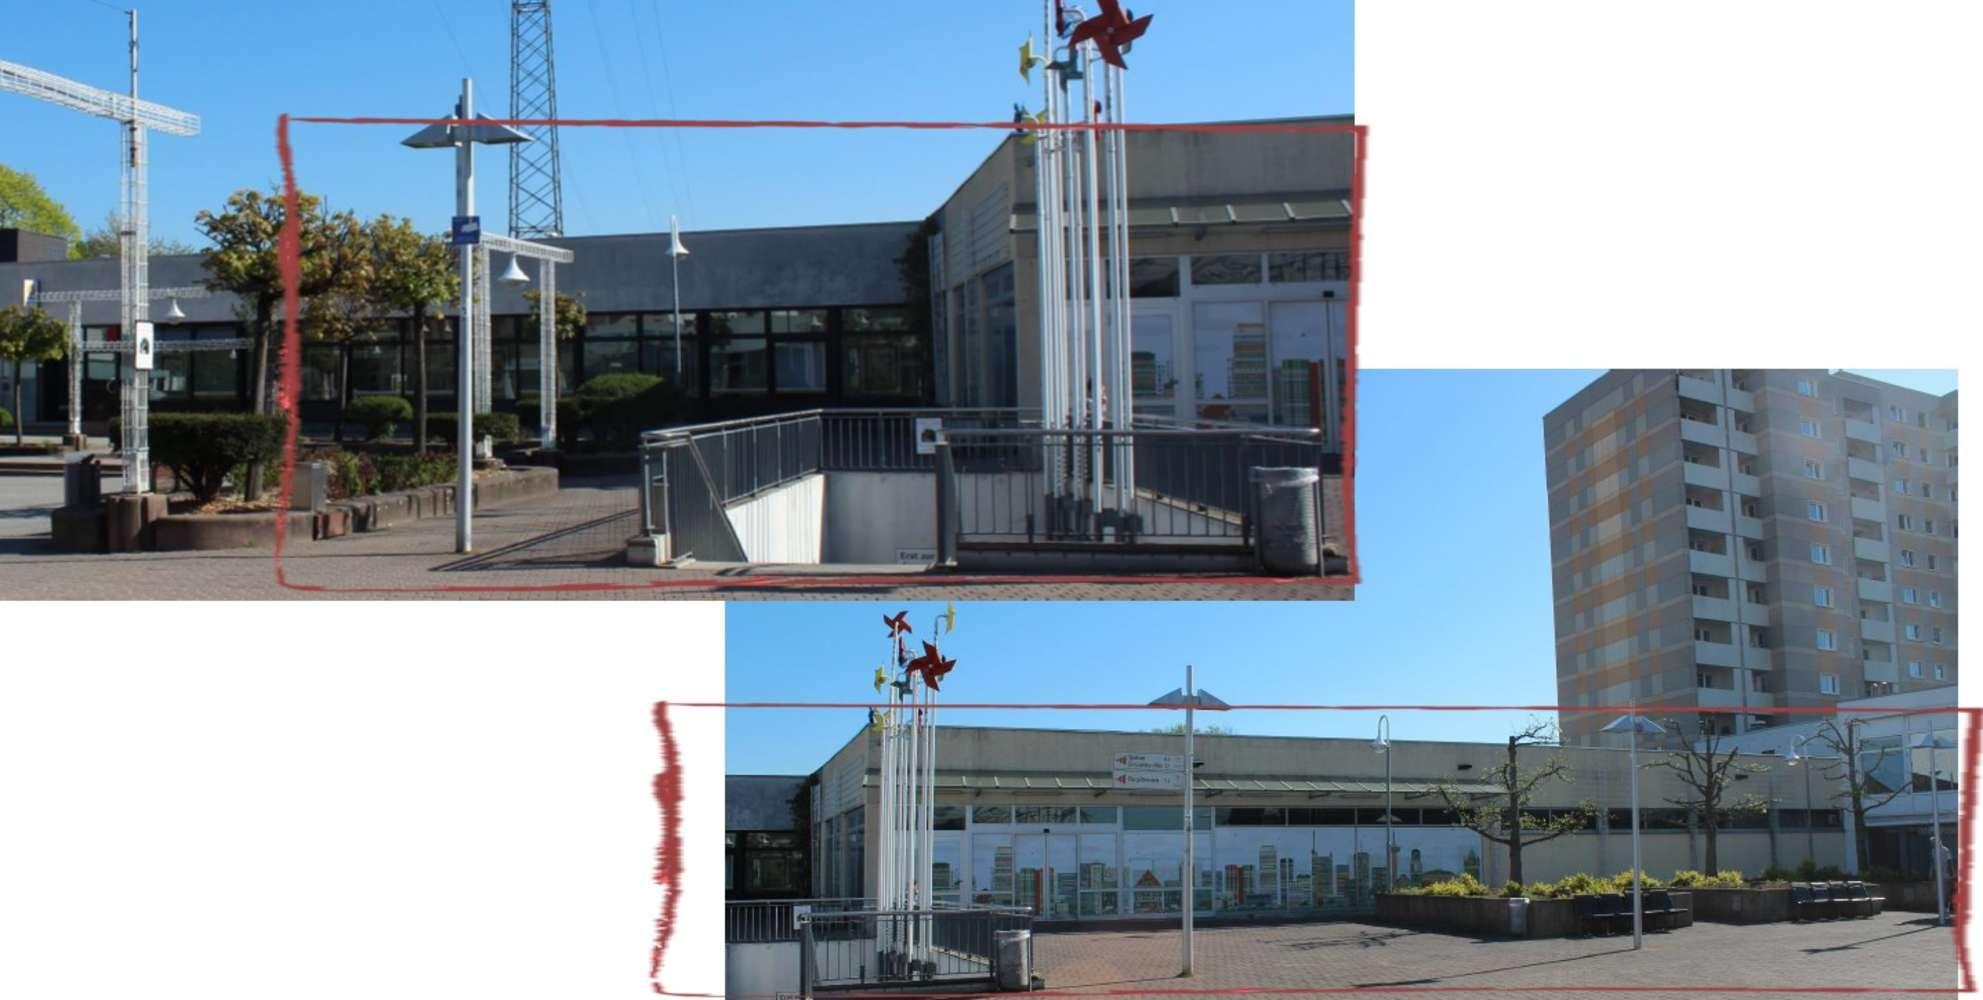 Ladenflächen Schwalbach am taunus, 65824 - Ladenfläche - Schwalbach am Taunus, Zentrum - E0793 - 9772755